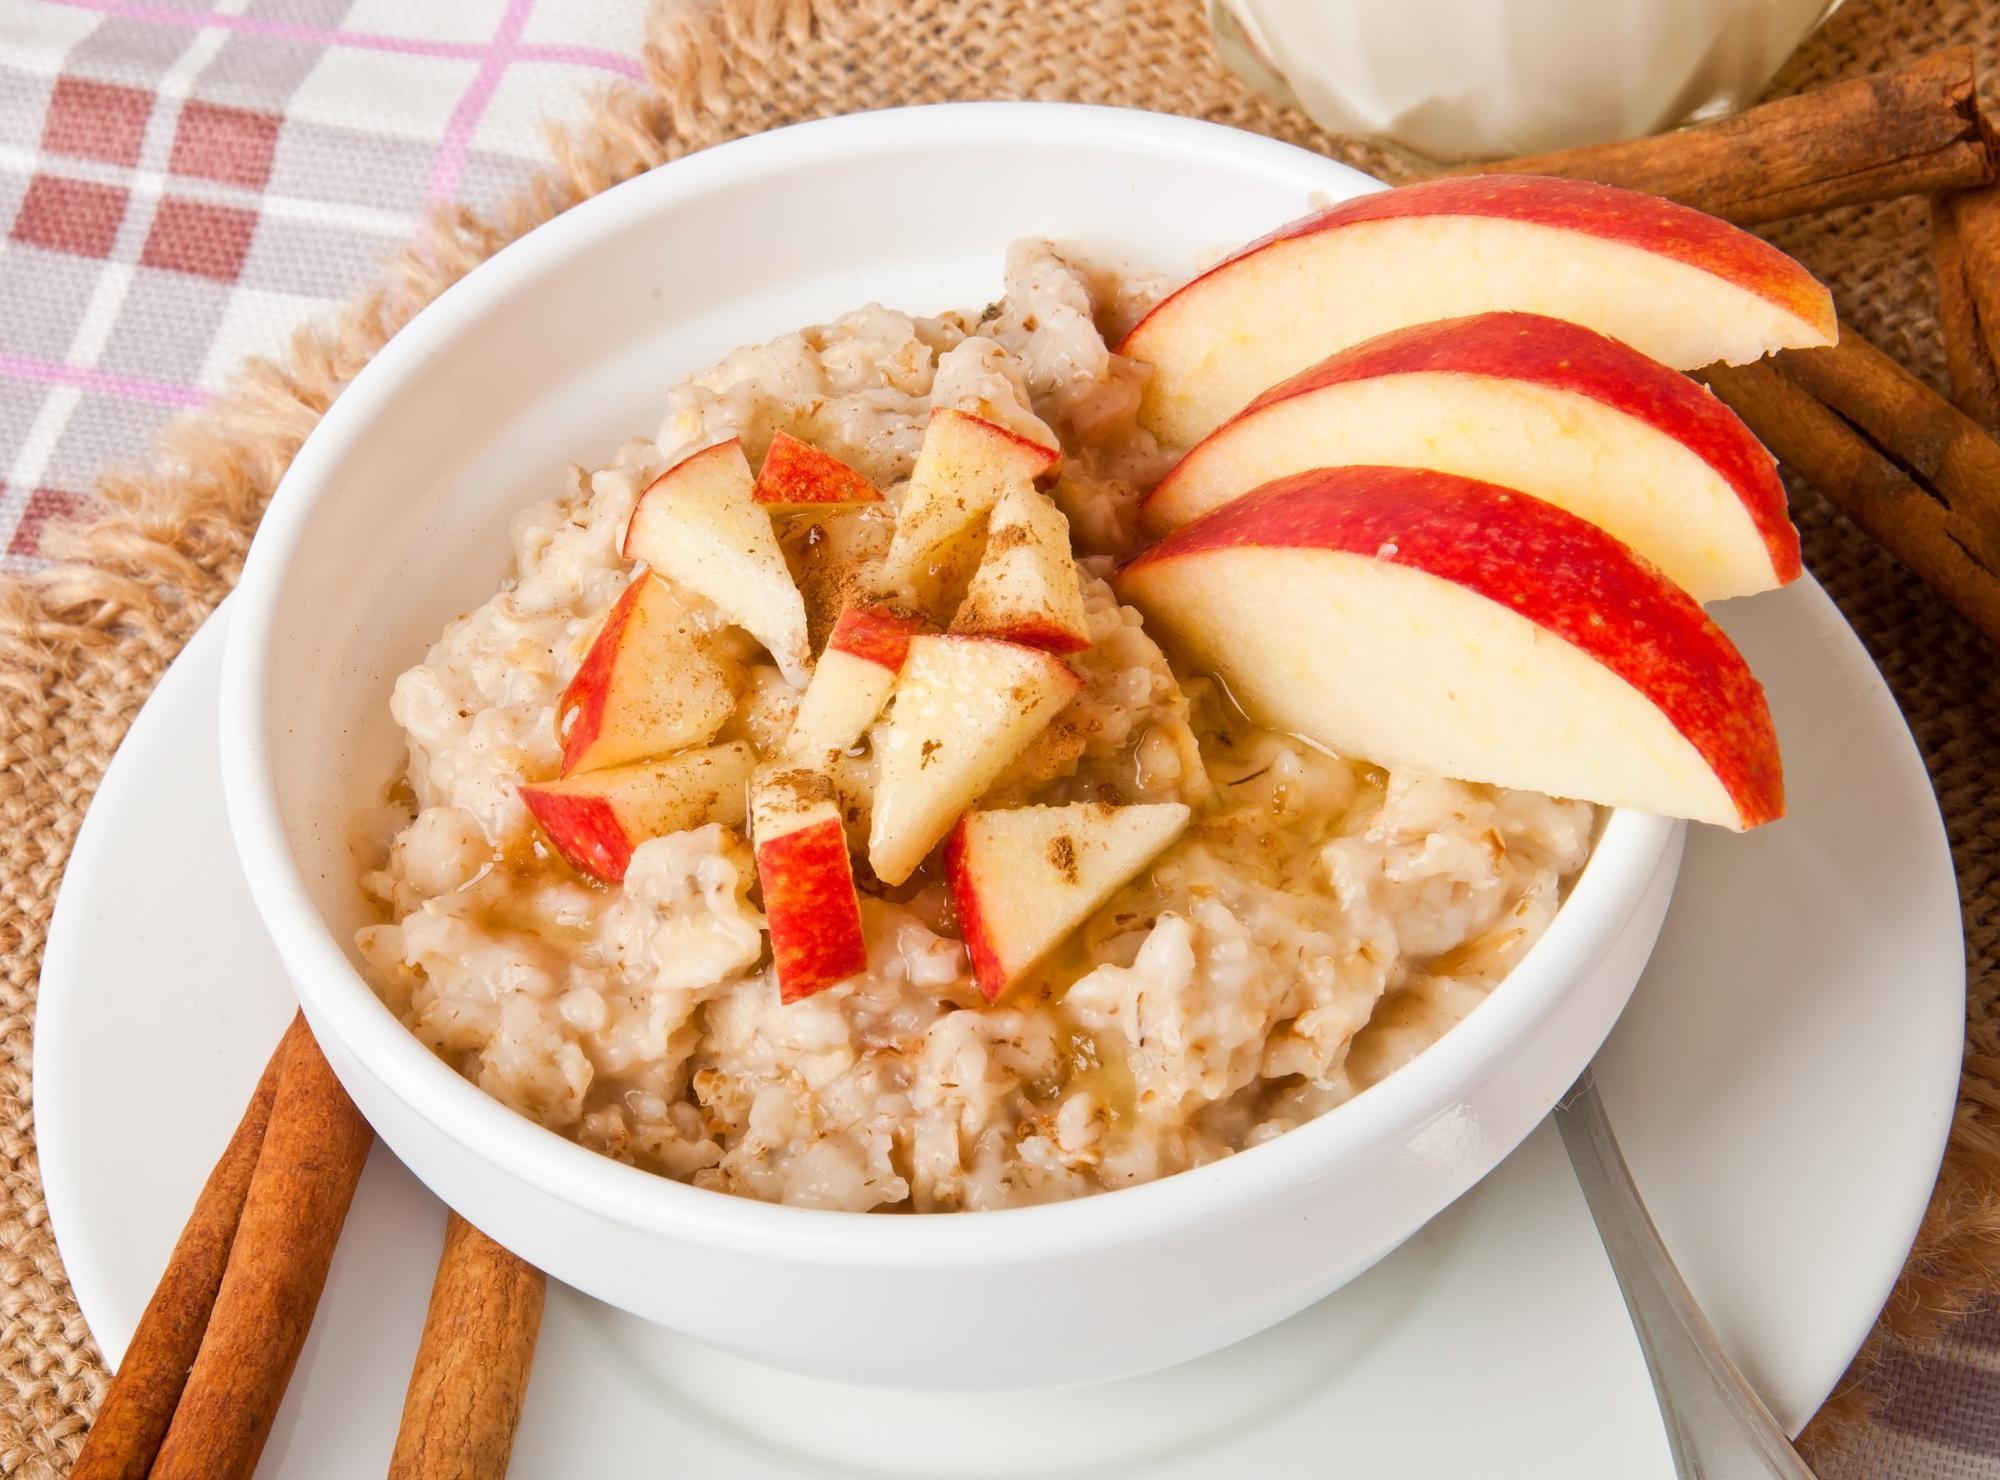 """Диета овсянка, творог, яблоки: отзывы о диете """"три продукта"""""""